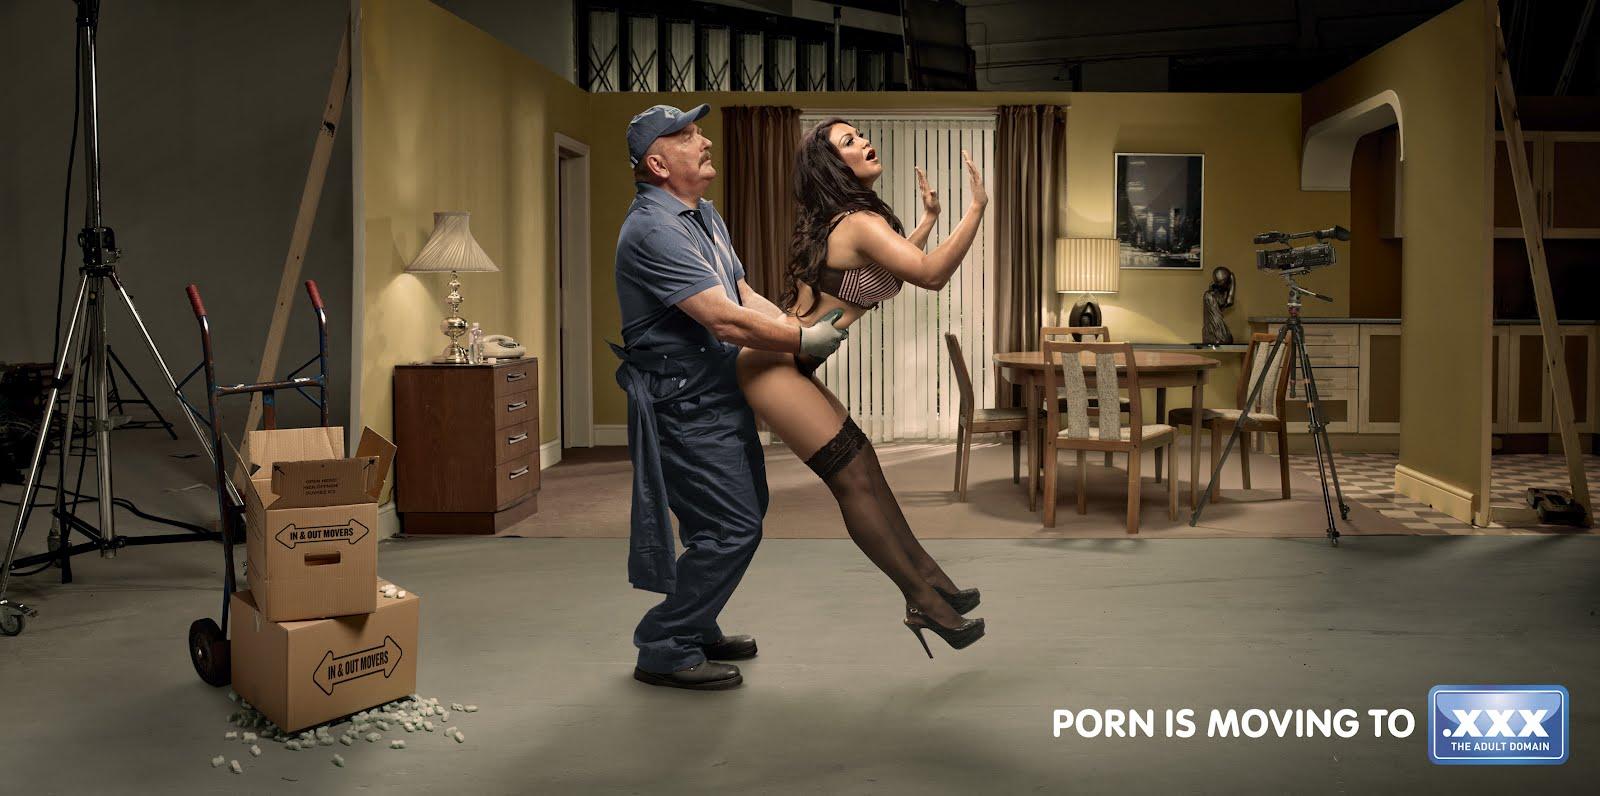 eroticheskaya-reklama